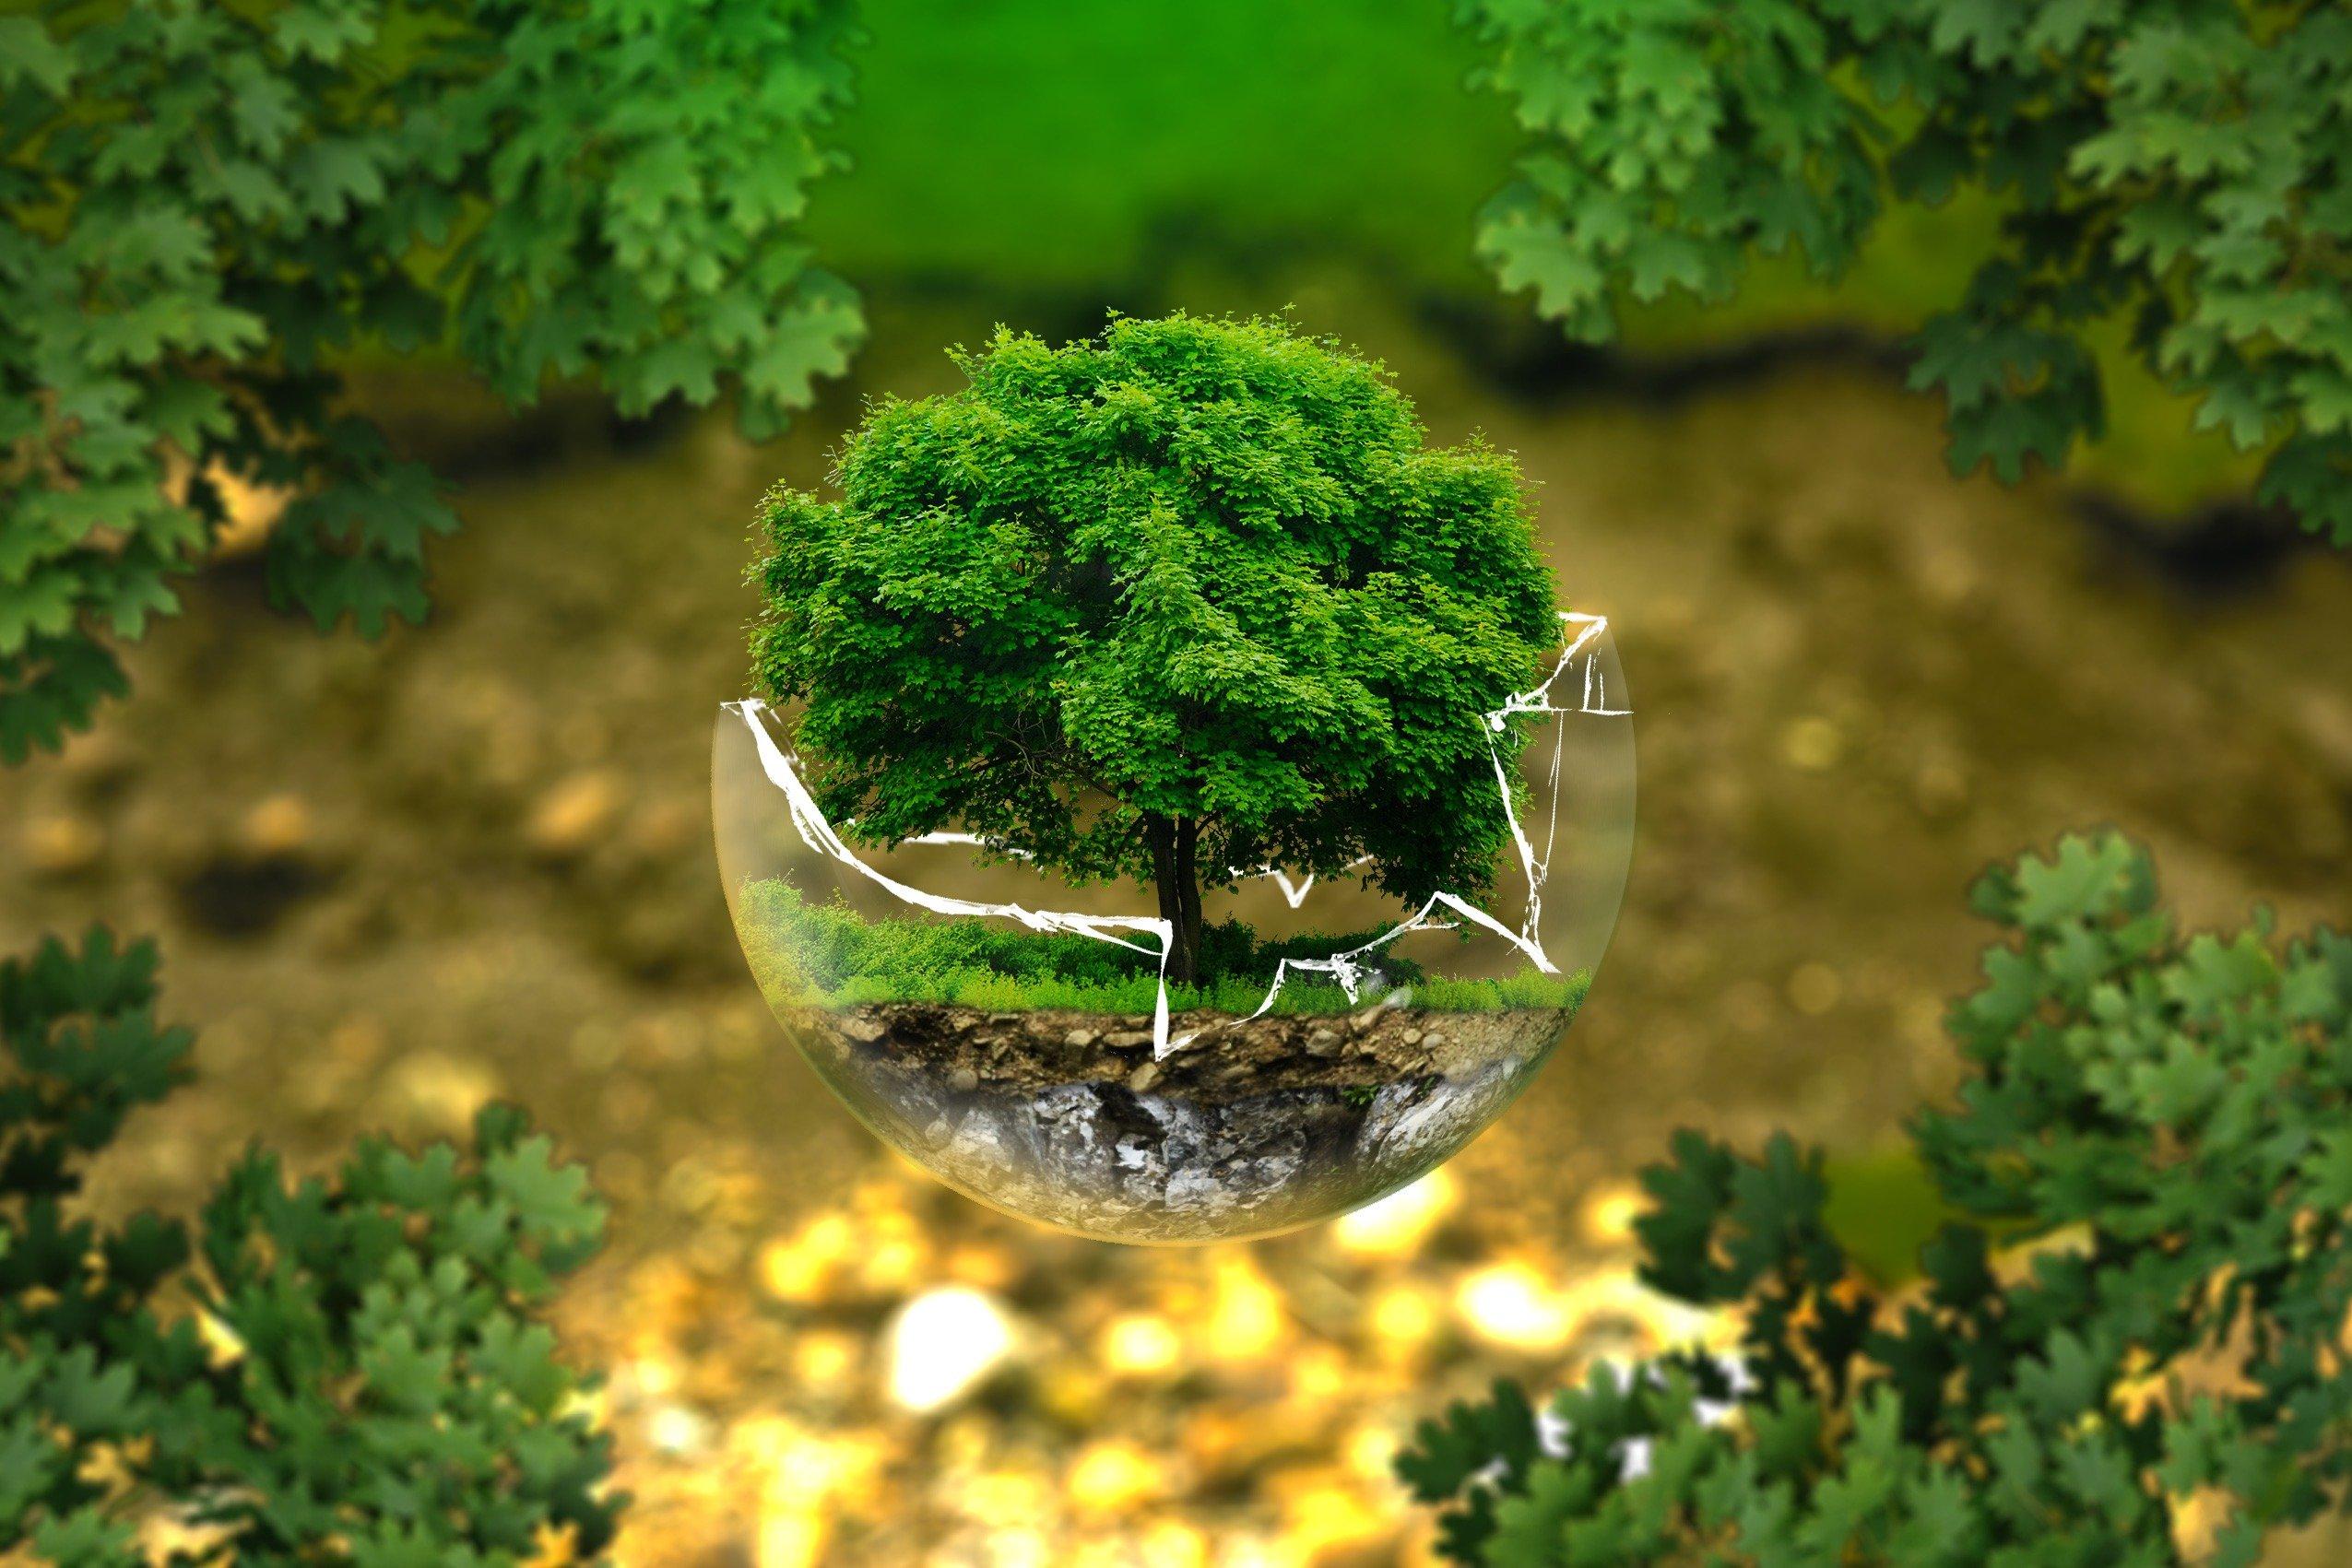 Protéger l'environnement et économiser les ressources